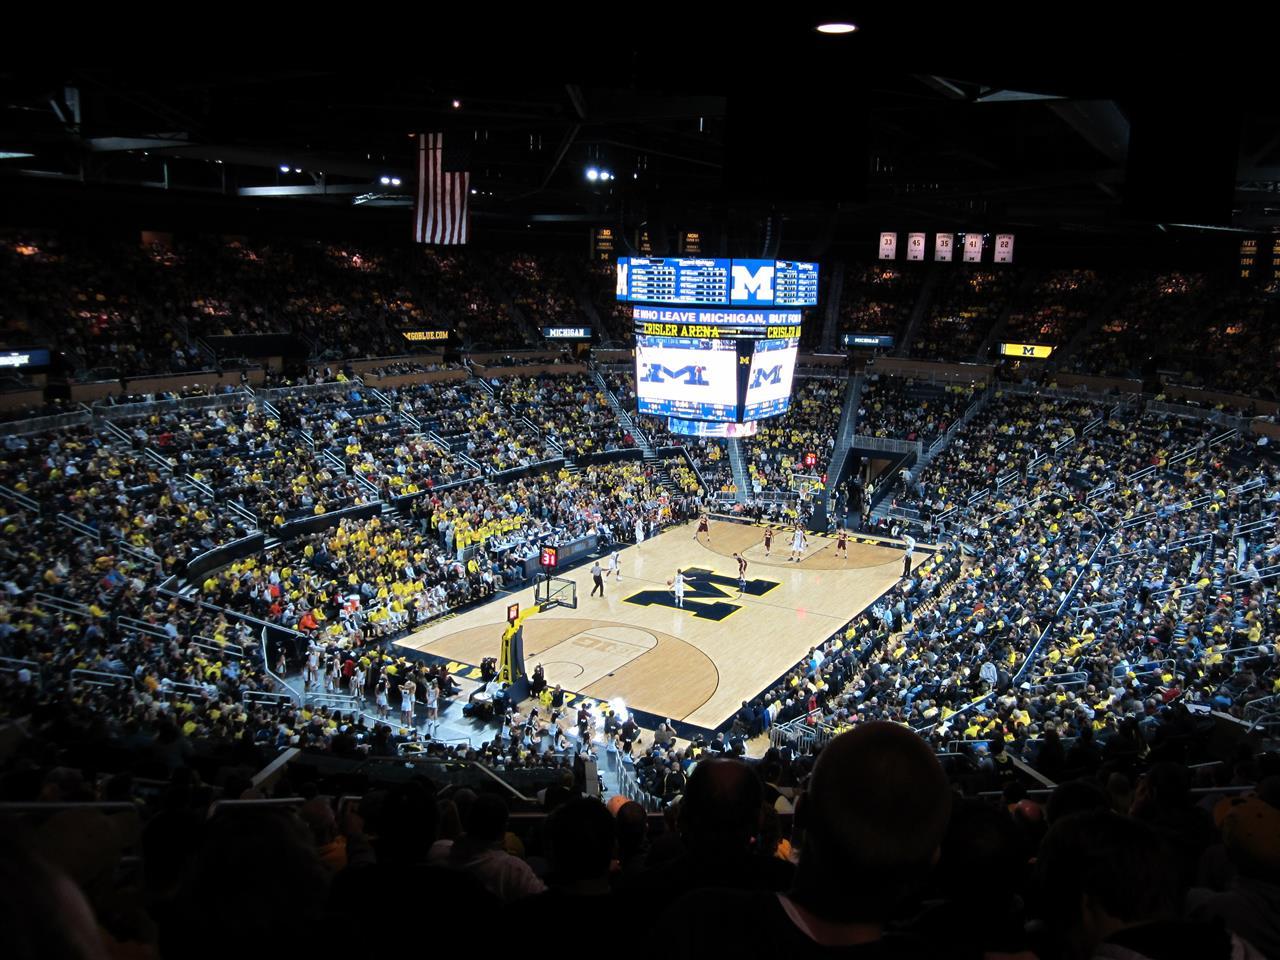 University of Michigan, Crisler Center, Men's basketball game, Ann Arbor, MI